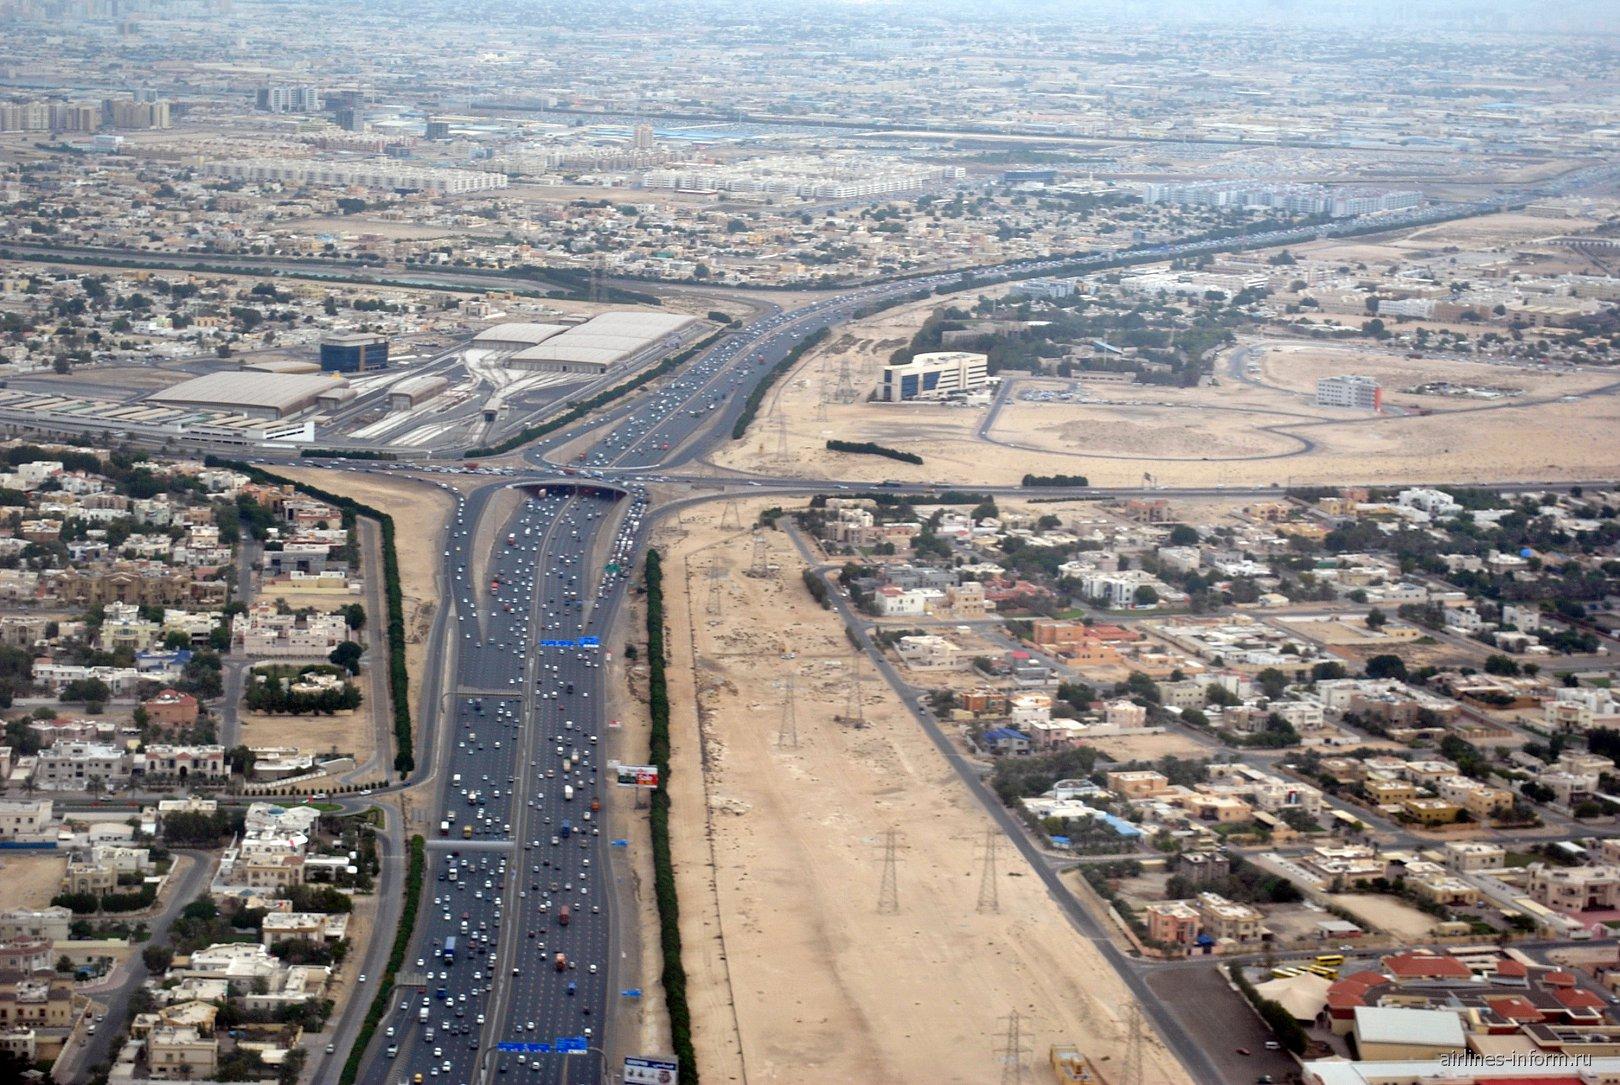 Жилые кварталы при взлете из аэропорта Дубай